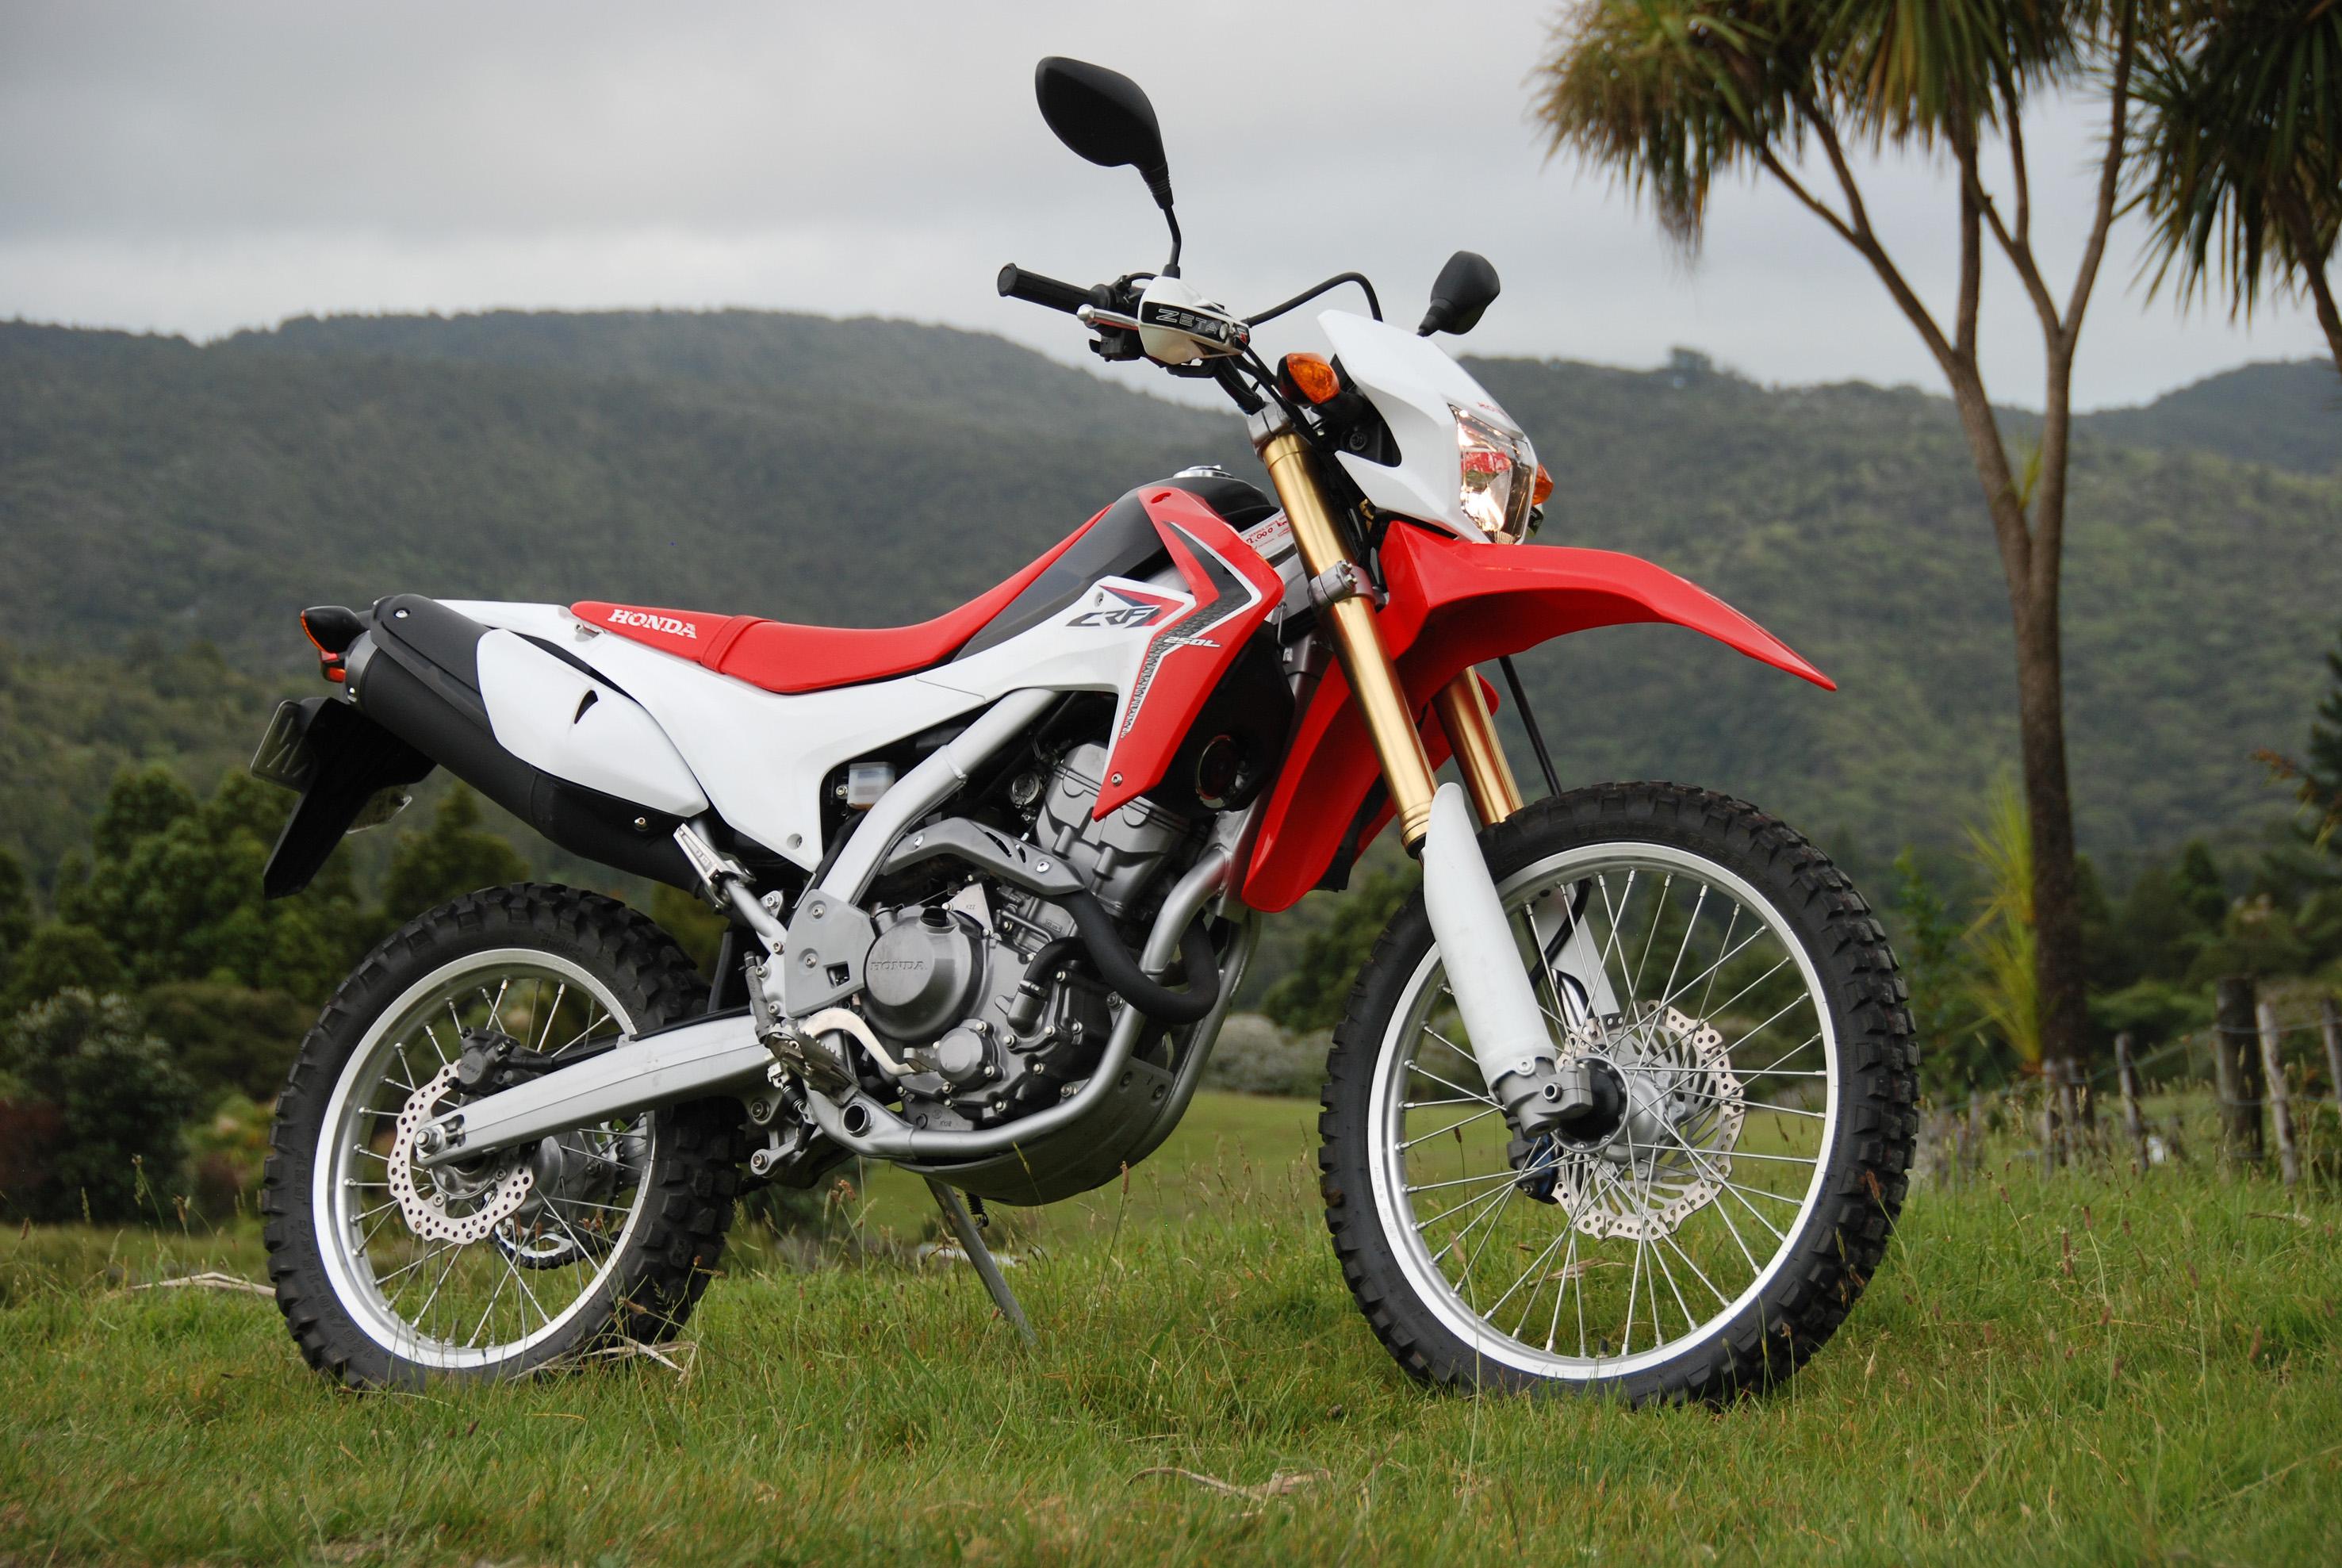 Honda CRF250: Off roader can commute as well - NZ Herald